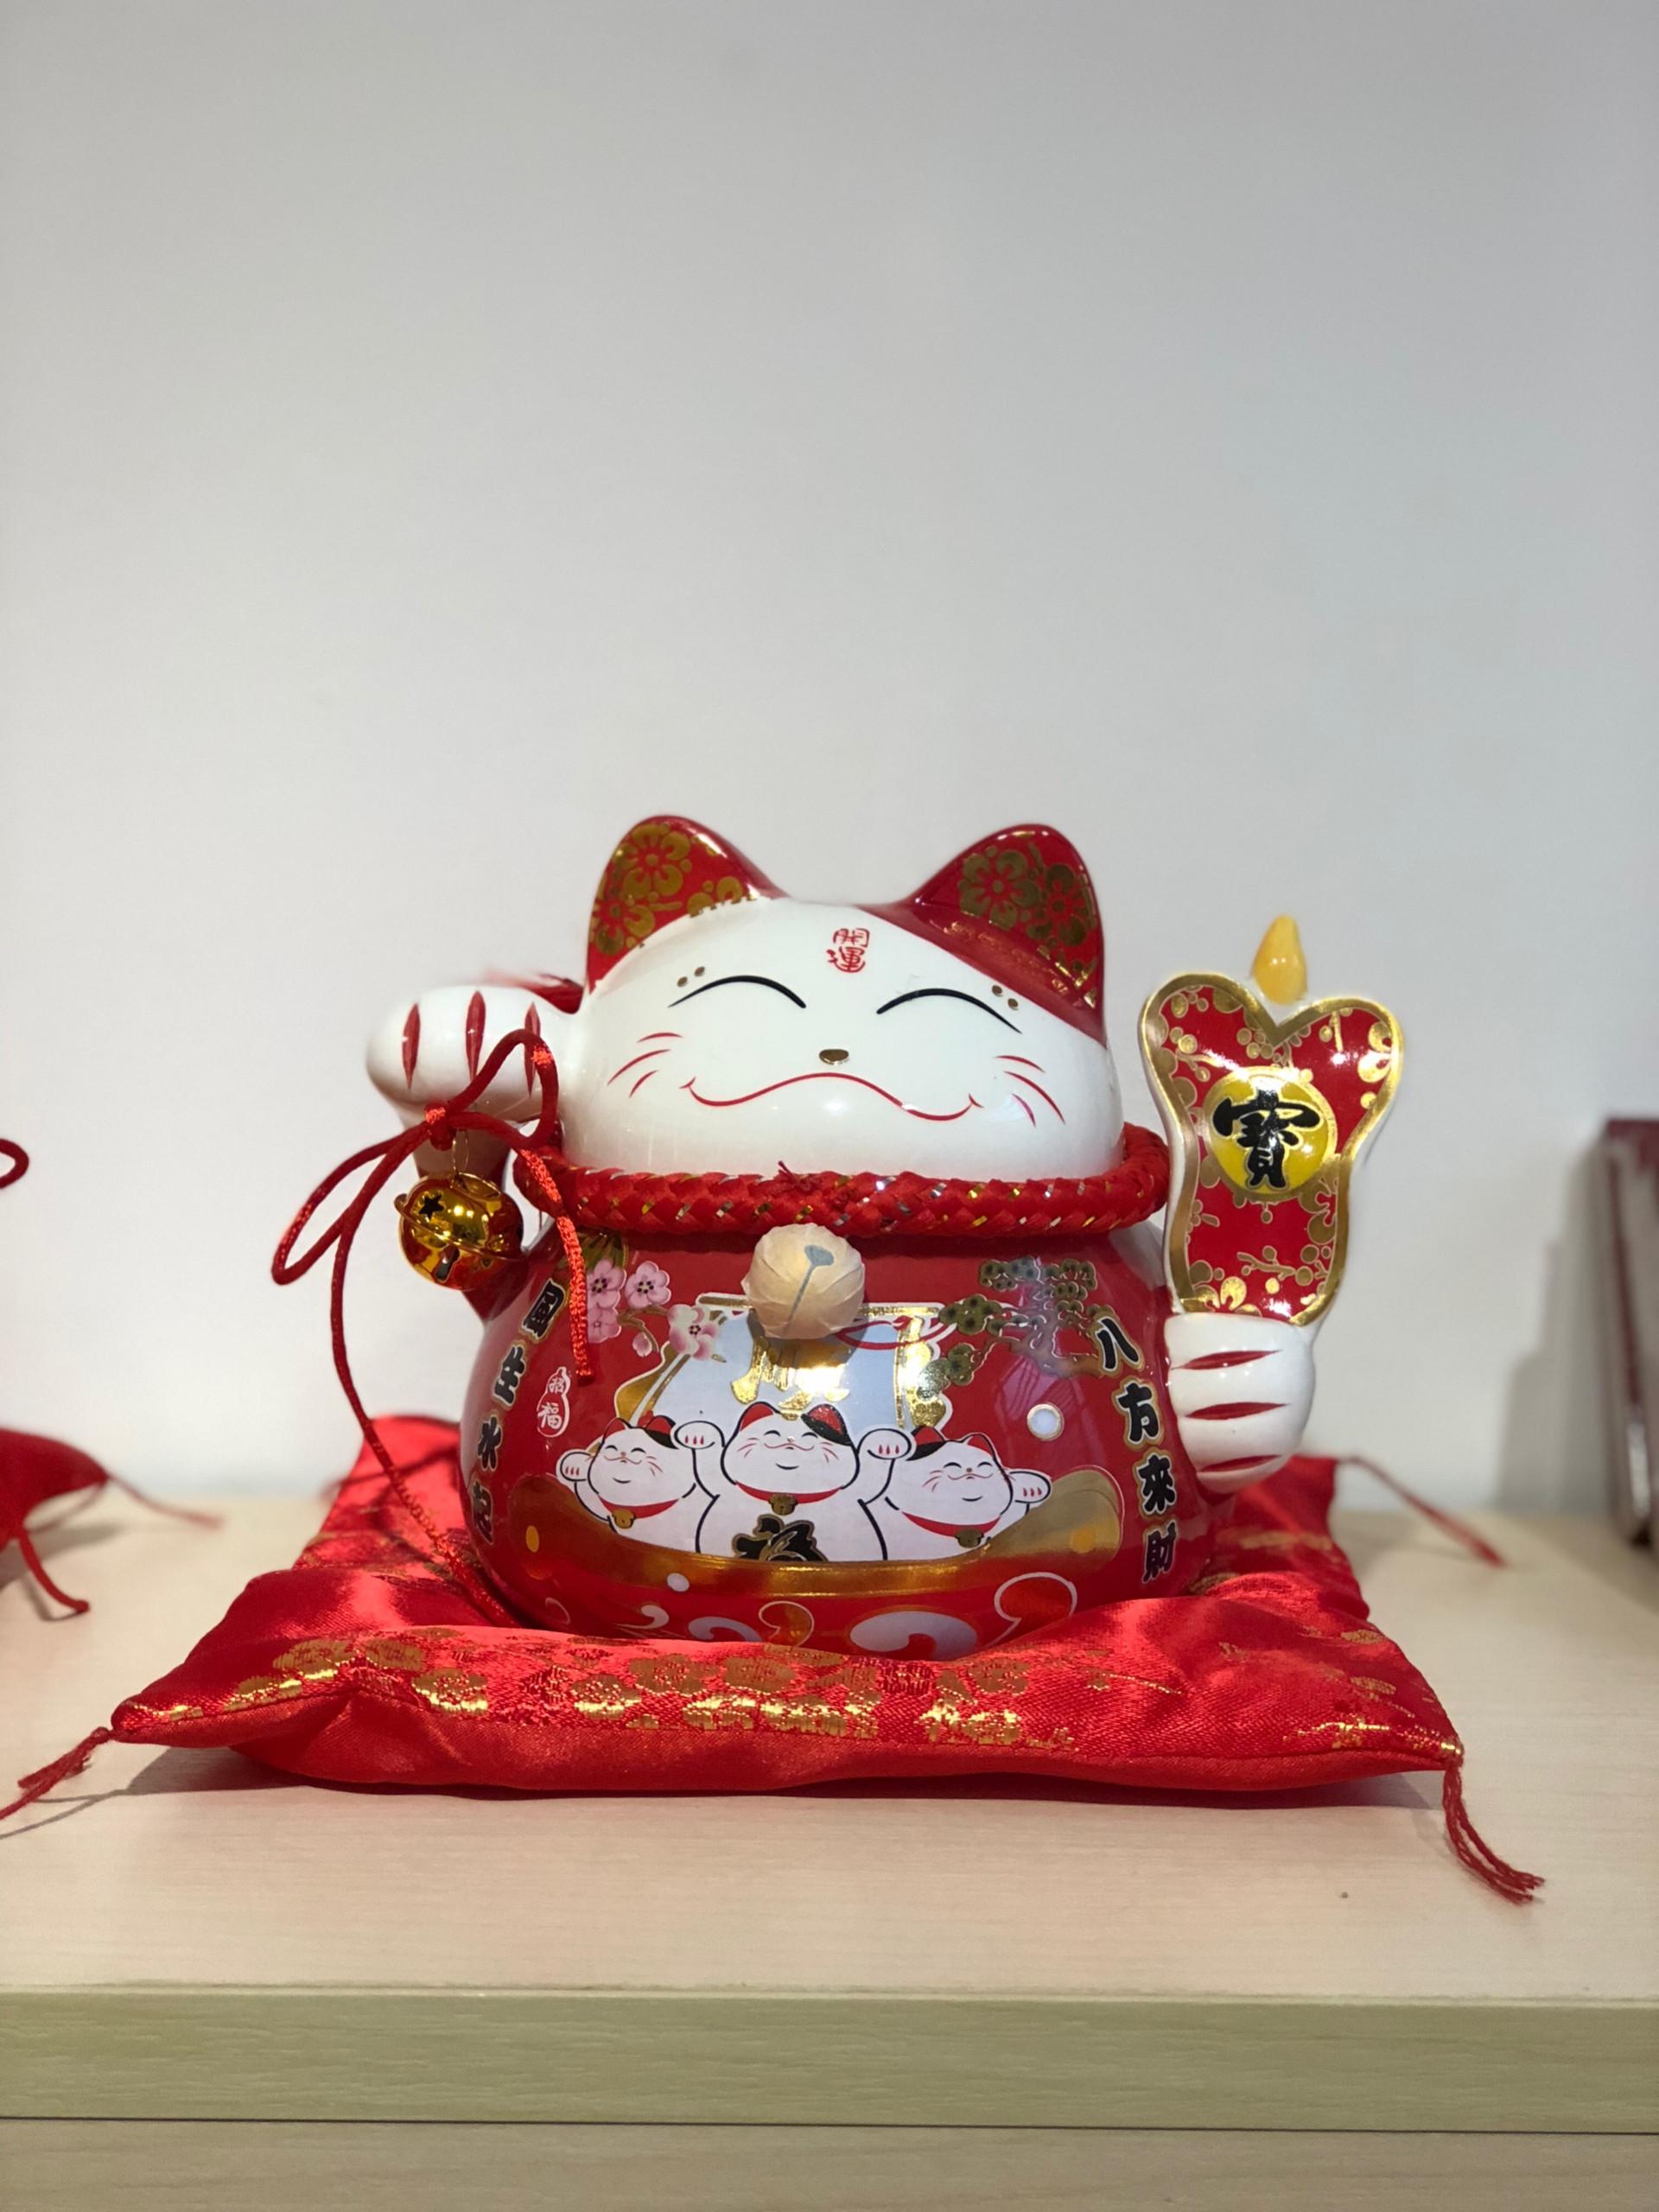 Danh Sách Các Tiêu Chí Lựa Chọn Mèo Thần Tài Làm Quà Tặng 3